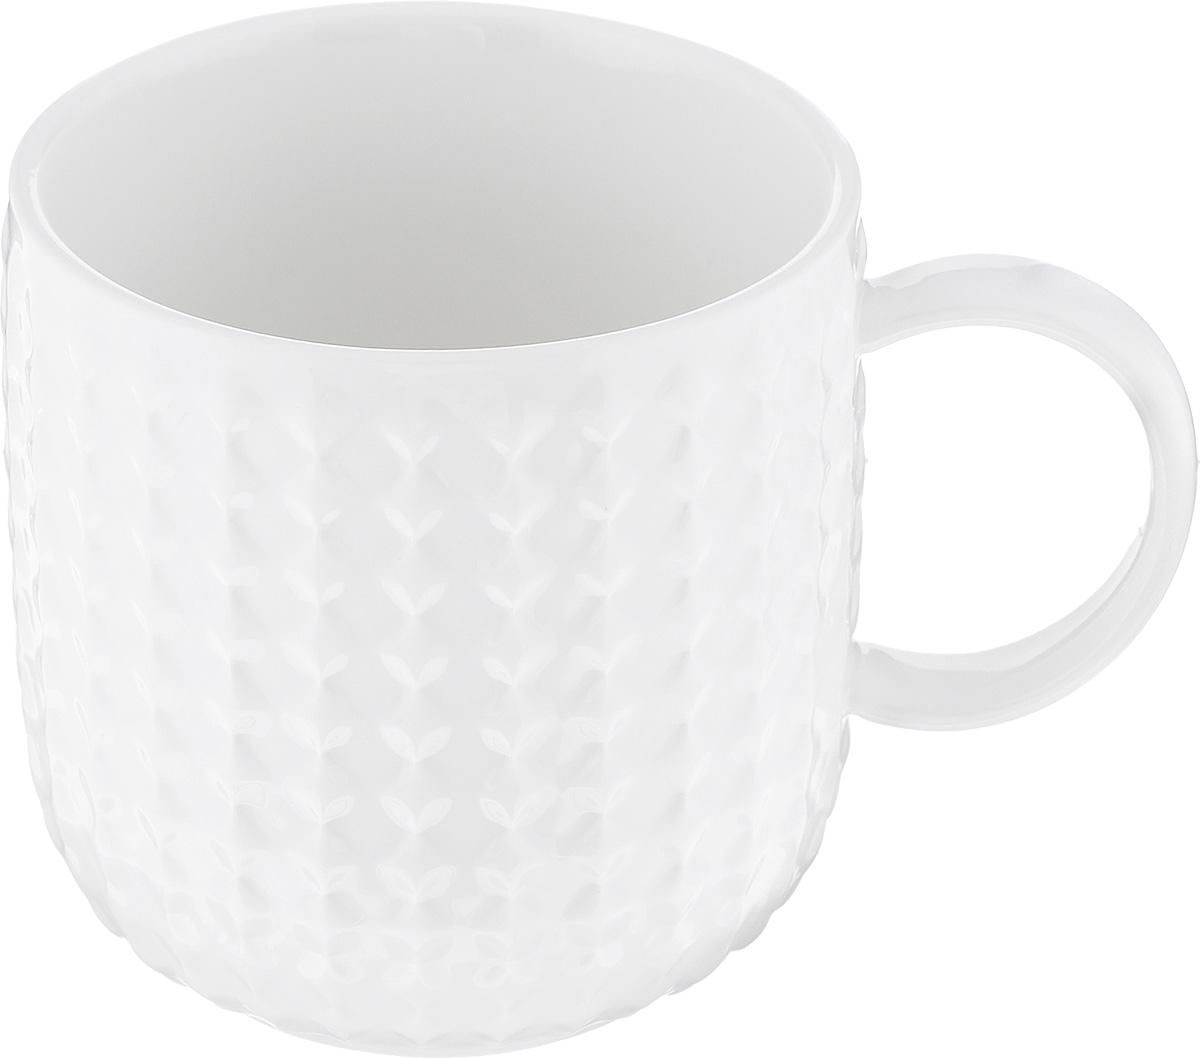 Кружка Walmer Sapphire, цвет: белый, 350 млW07420035Кружка Walmer Sapphire изготовлена из экологически чистого фарфора. Изделие оформлено изысканным рельефным орнаментом. Такая кружка прекрасно оформит стол к чаепитию и станет его неизменным атрибутом. Можно использовать в посудомоечной машине и СВЧ.Диаметр (по верхнему краю): 8 см.Диаметр основания: 5,5 см.Высота: 8,2 см.